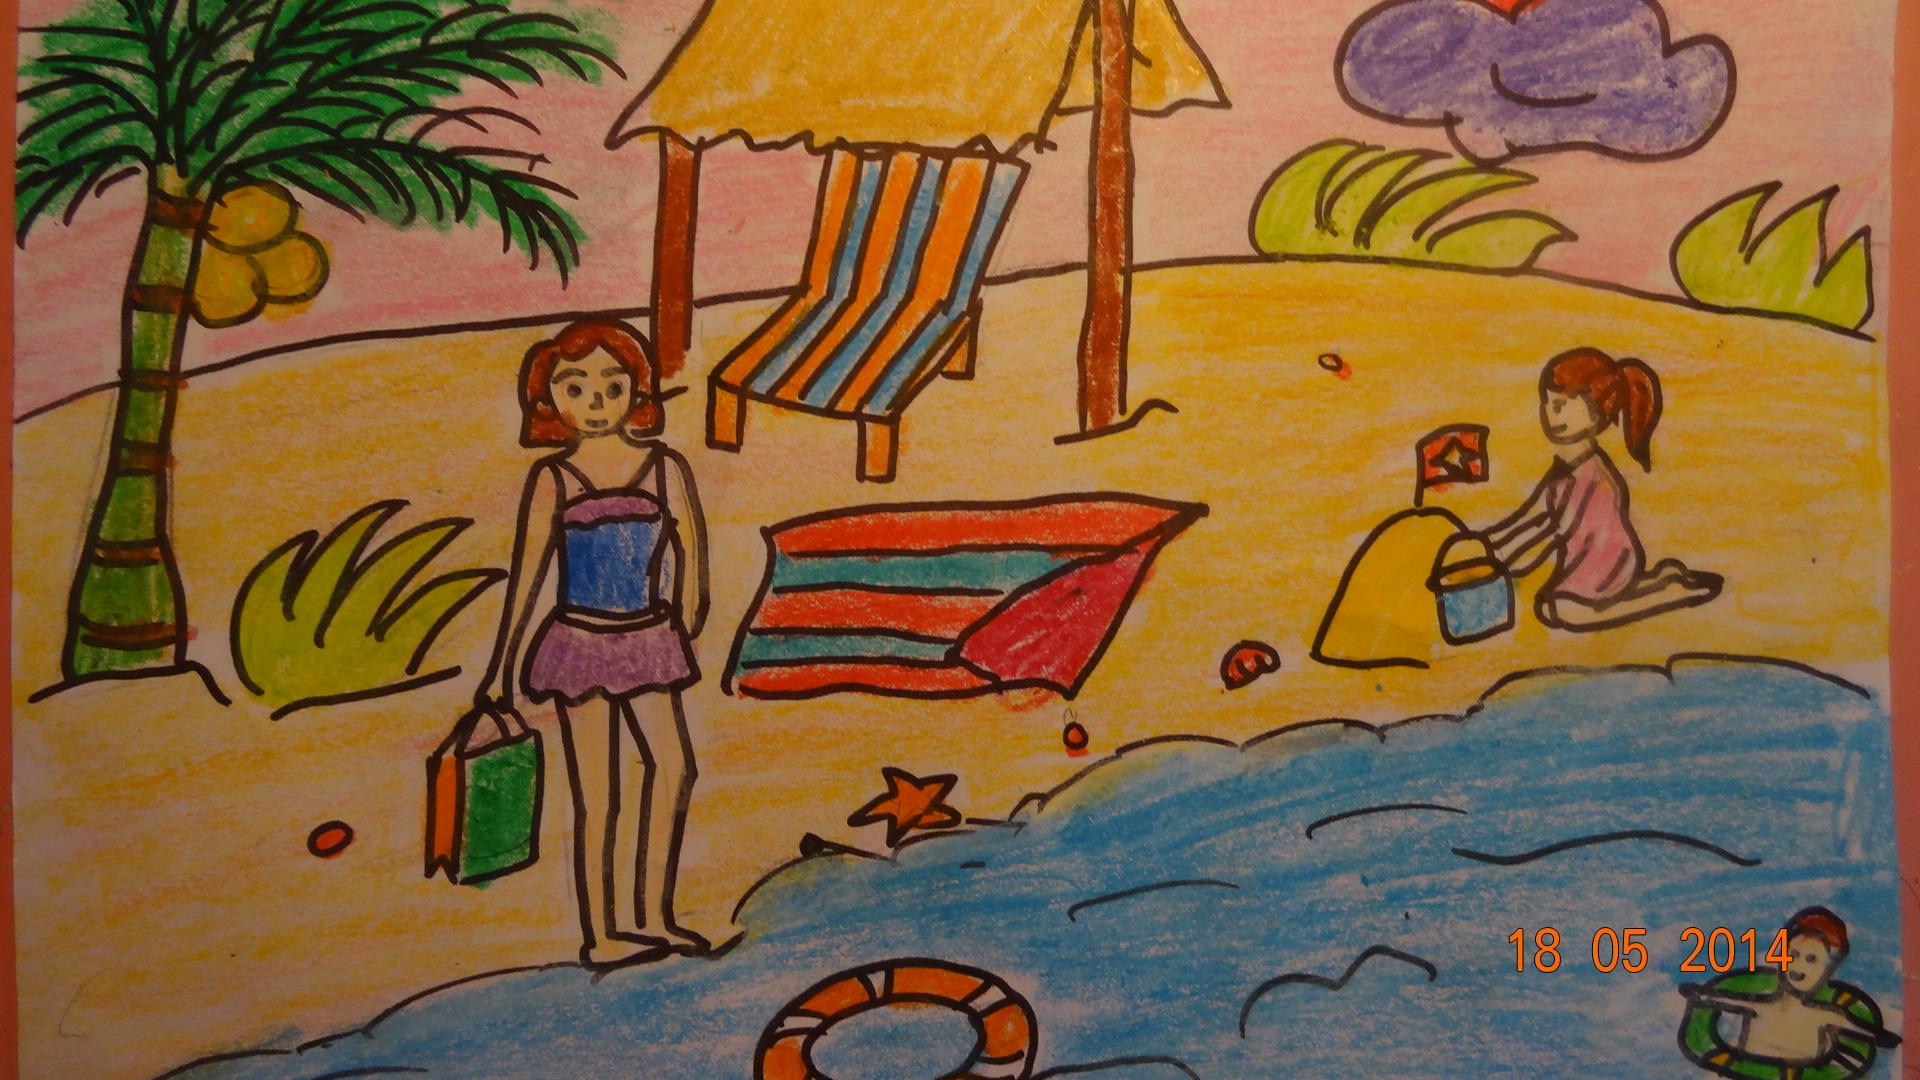 Bức tranh Bãi biển mùa hè đạt giải xuất sắc nhất trong tháng 5